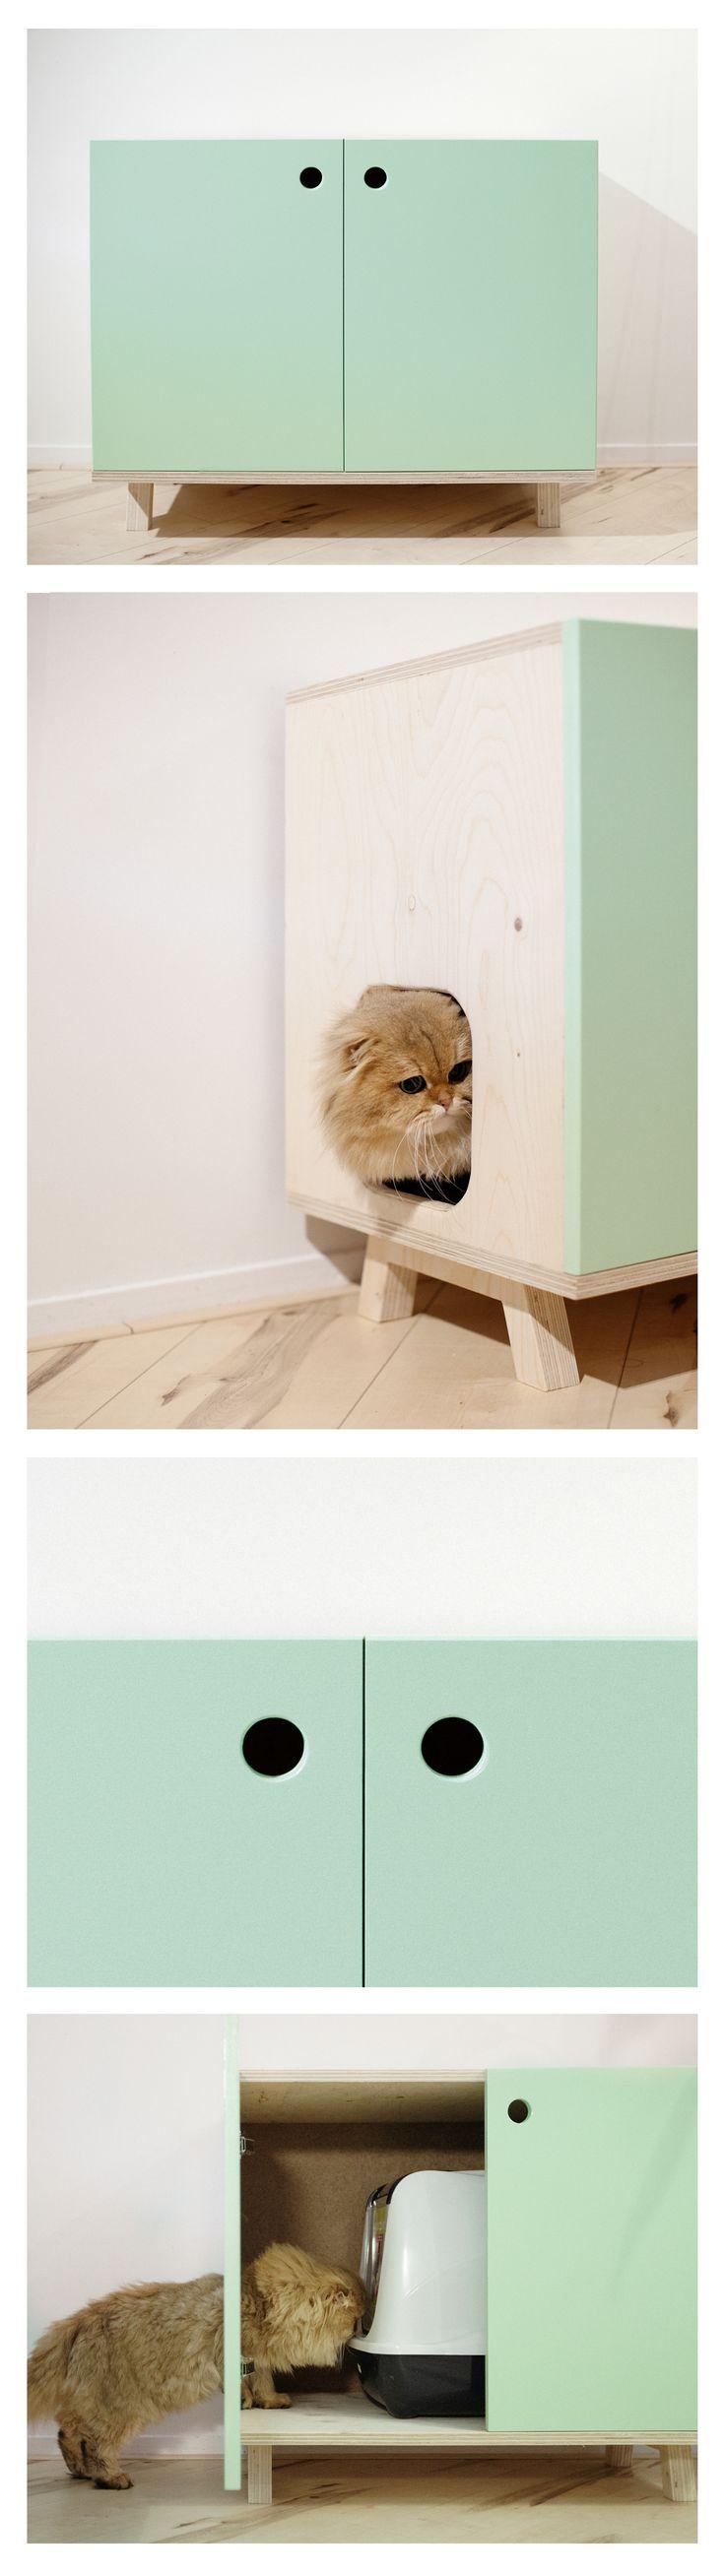 Kattenmeubel voor kattenbak Litterbox cat furniture cabinet